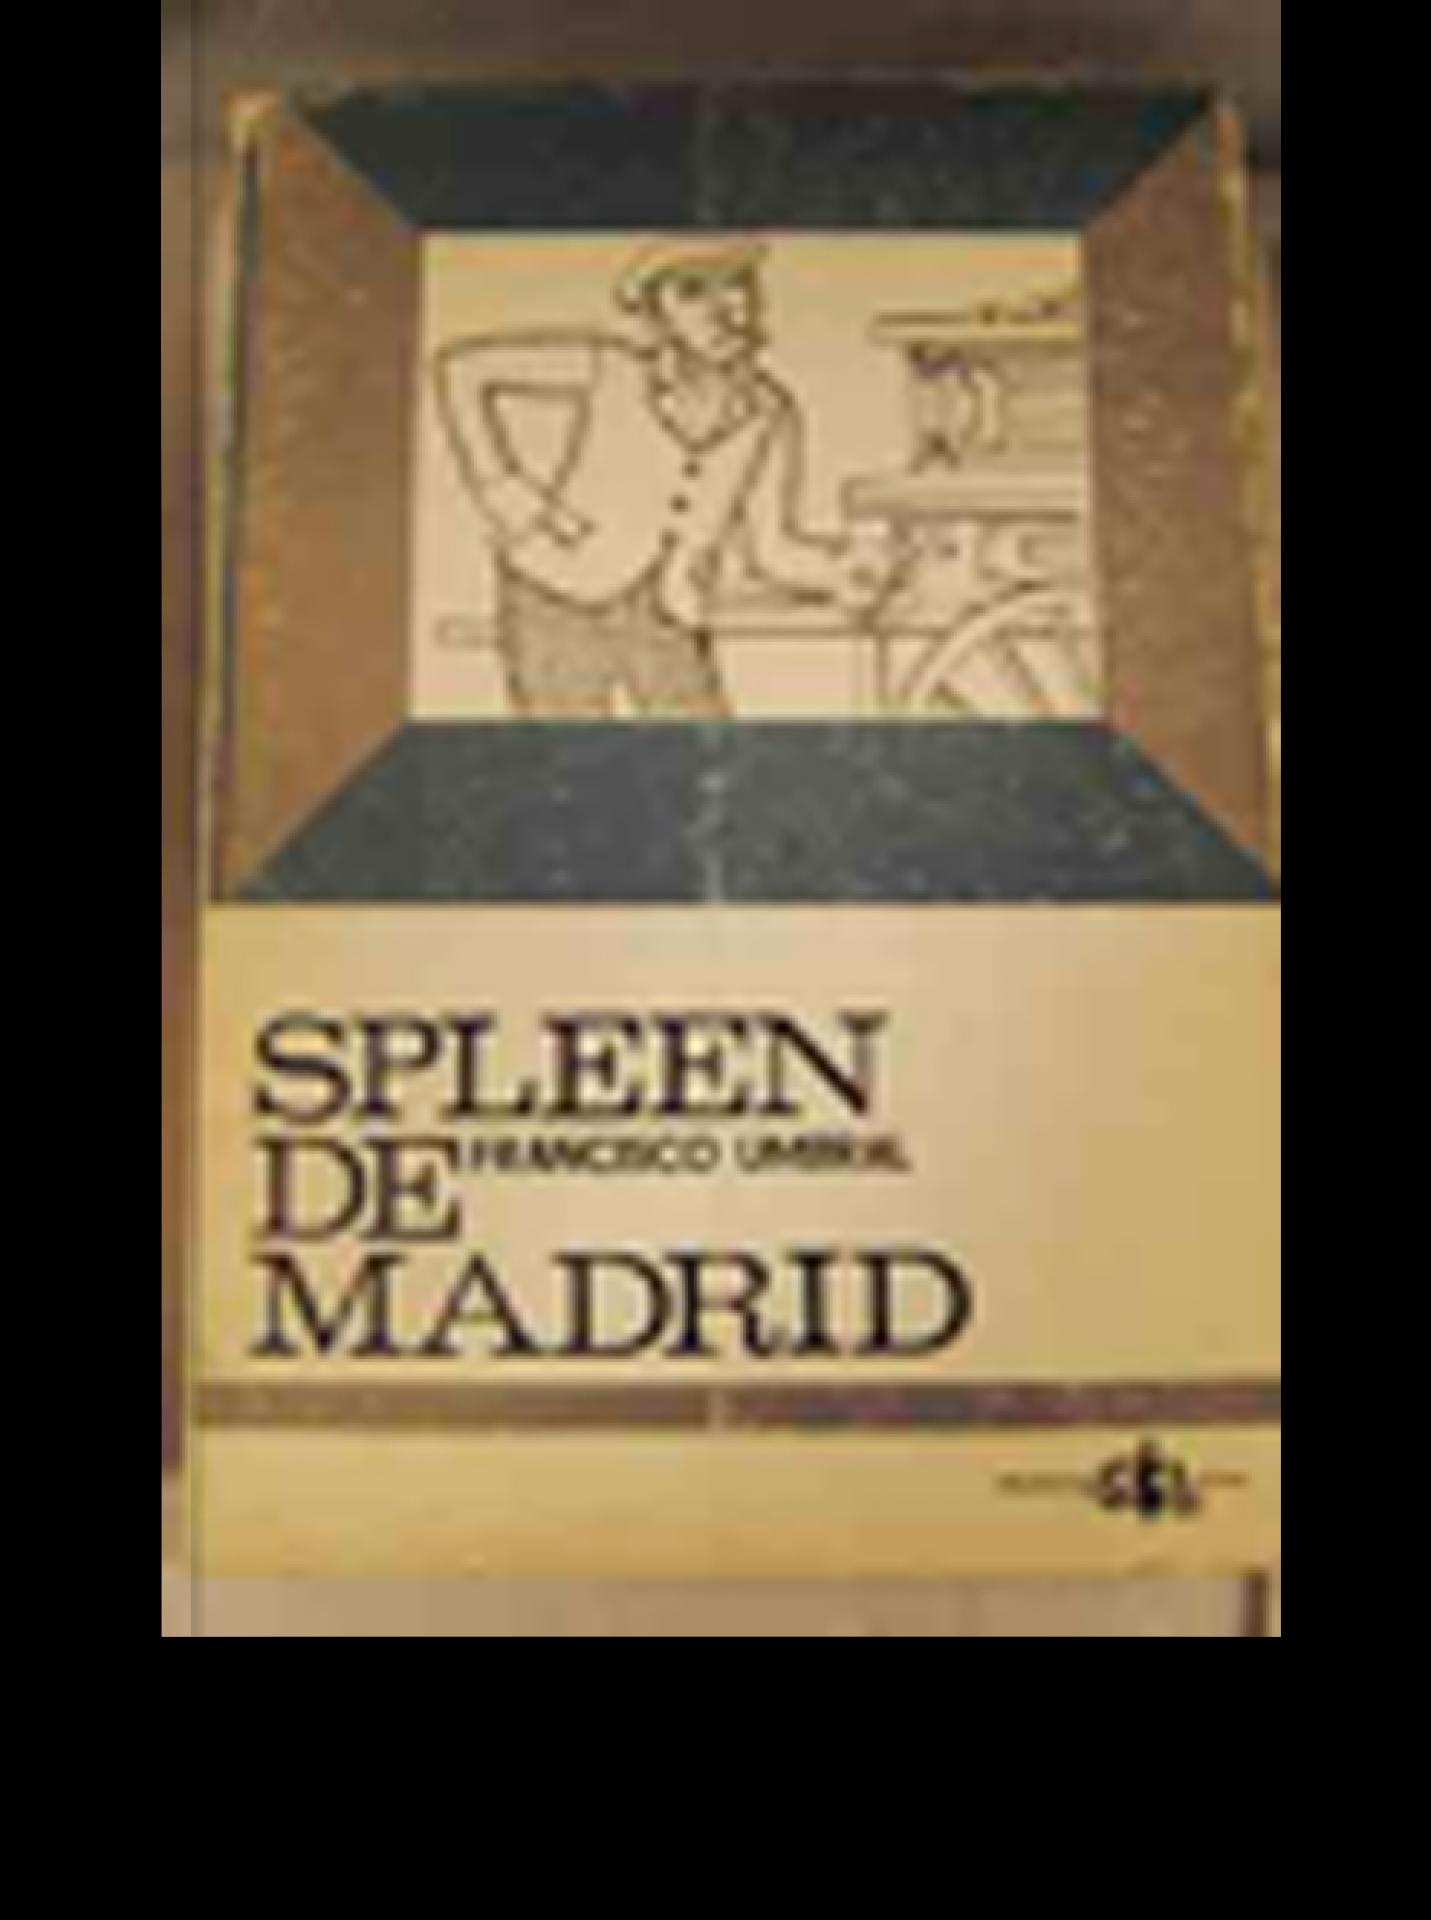 SPLEEN DE MADRID